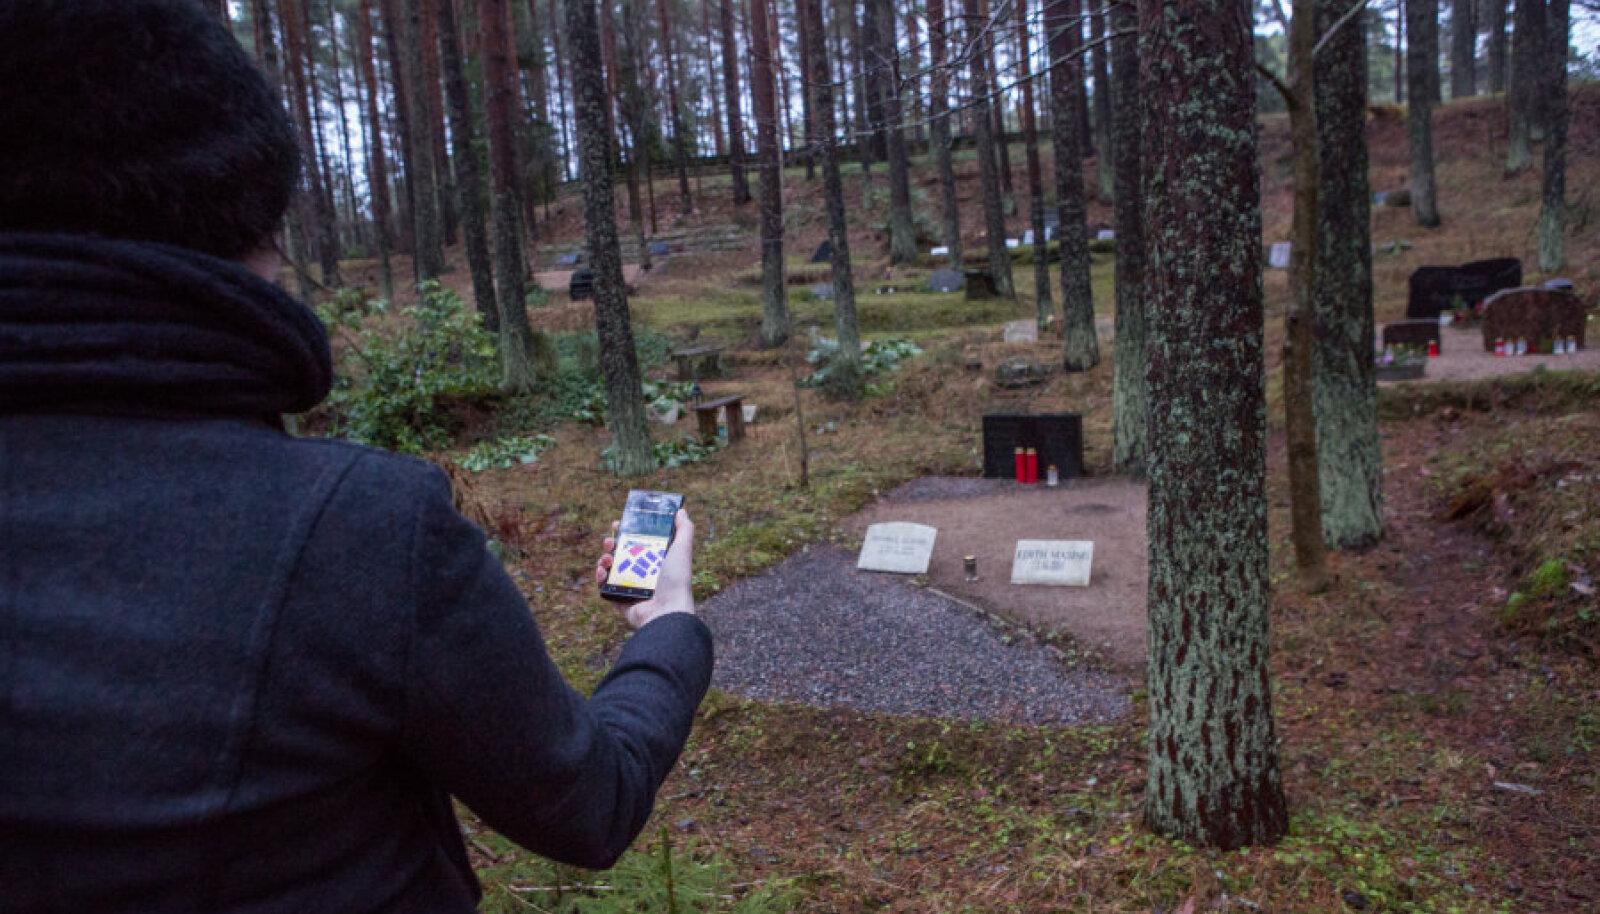 Praegu aitab hauda leida kalmistuportaali hauakaart, kuid peagi jõutakse eraldi mobiilirakenduseni ja kaardid võidakse tulevikus ühendada ka GPS-iga.